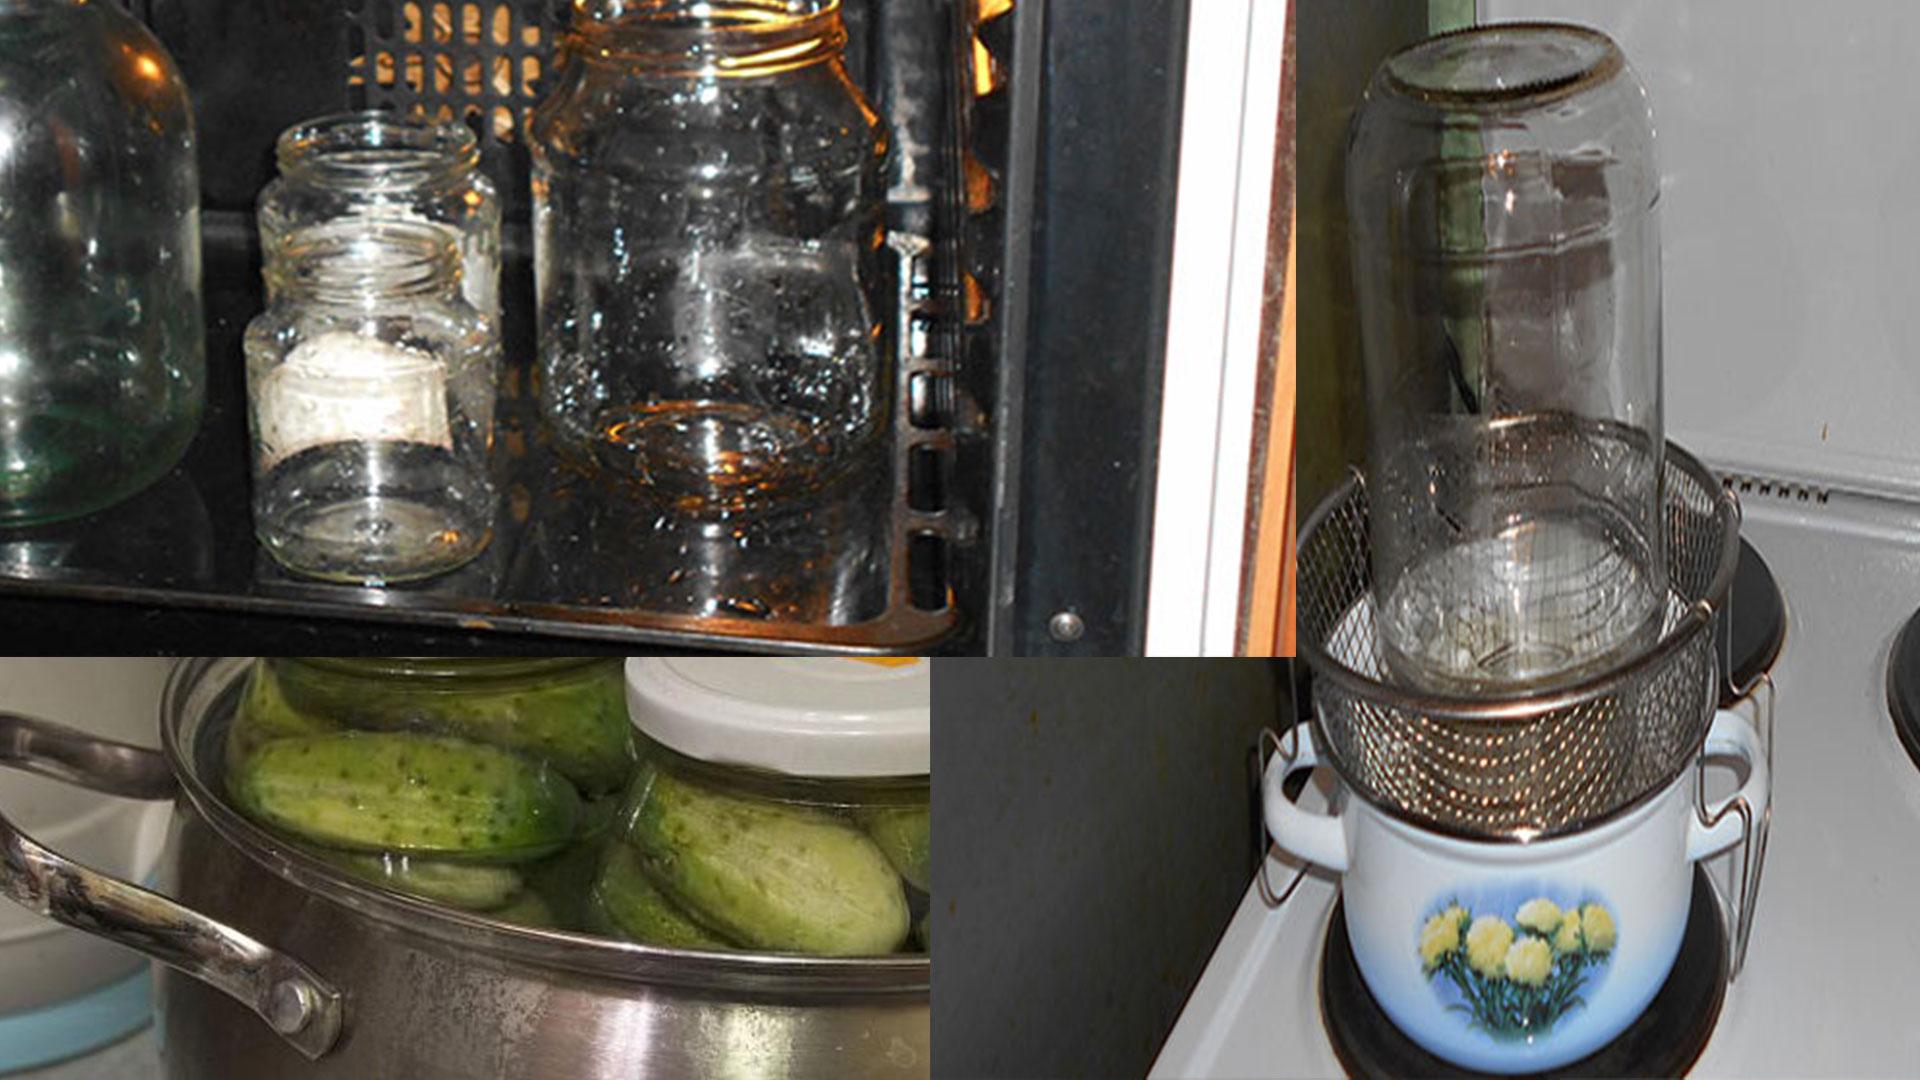 Стерилизация банок и крышек. как стерилизовать банки и крышки для закатки   чудо-повар